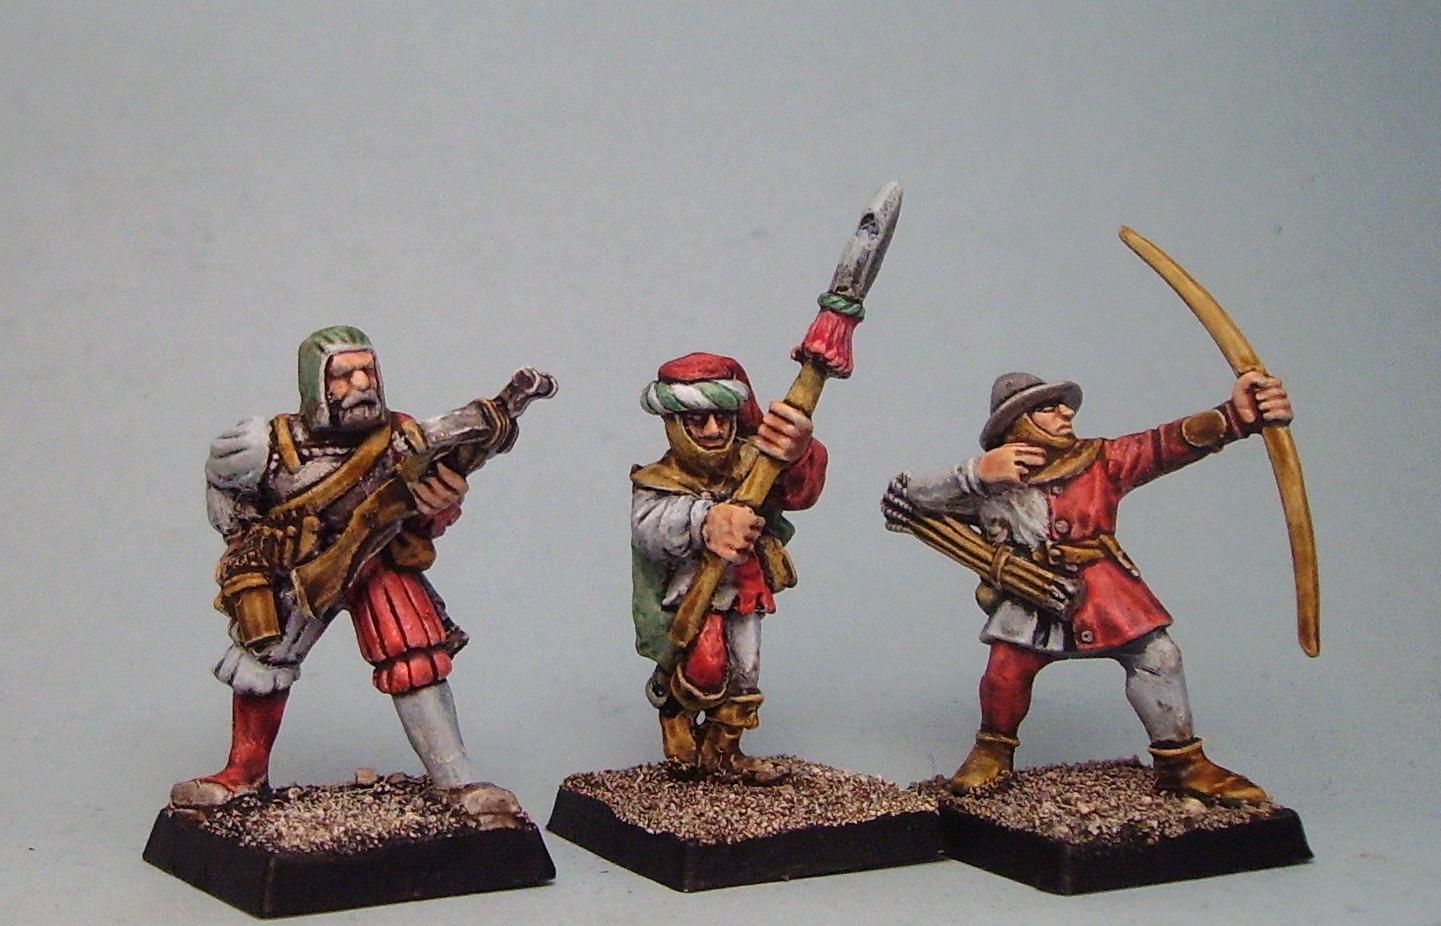 Archers, Bretonnians, Empire